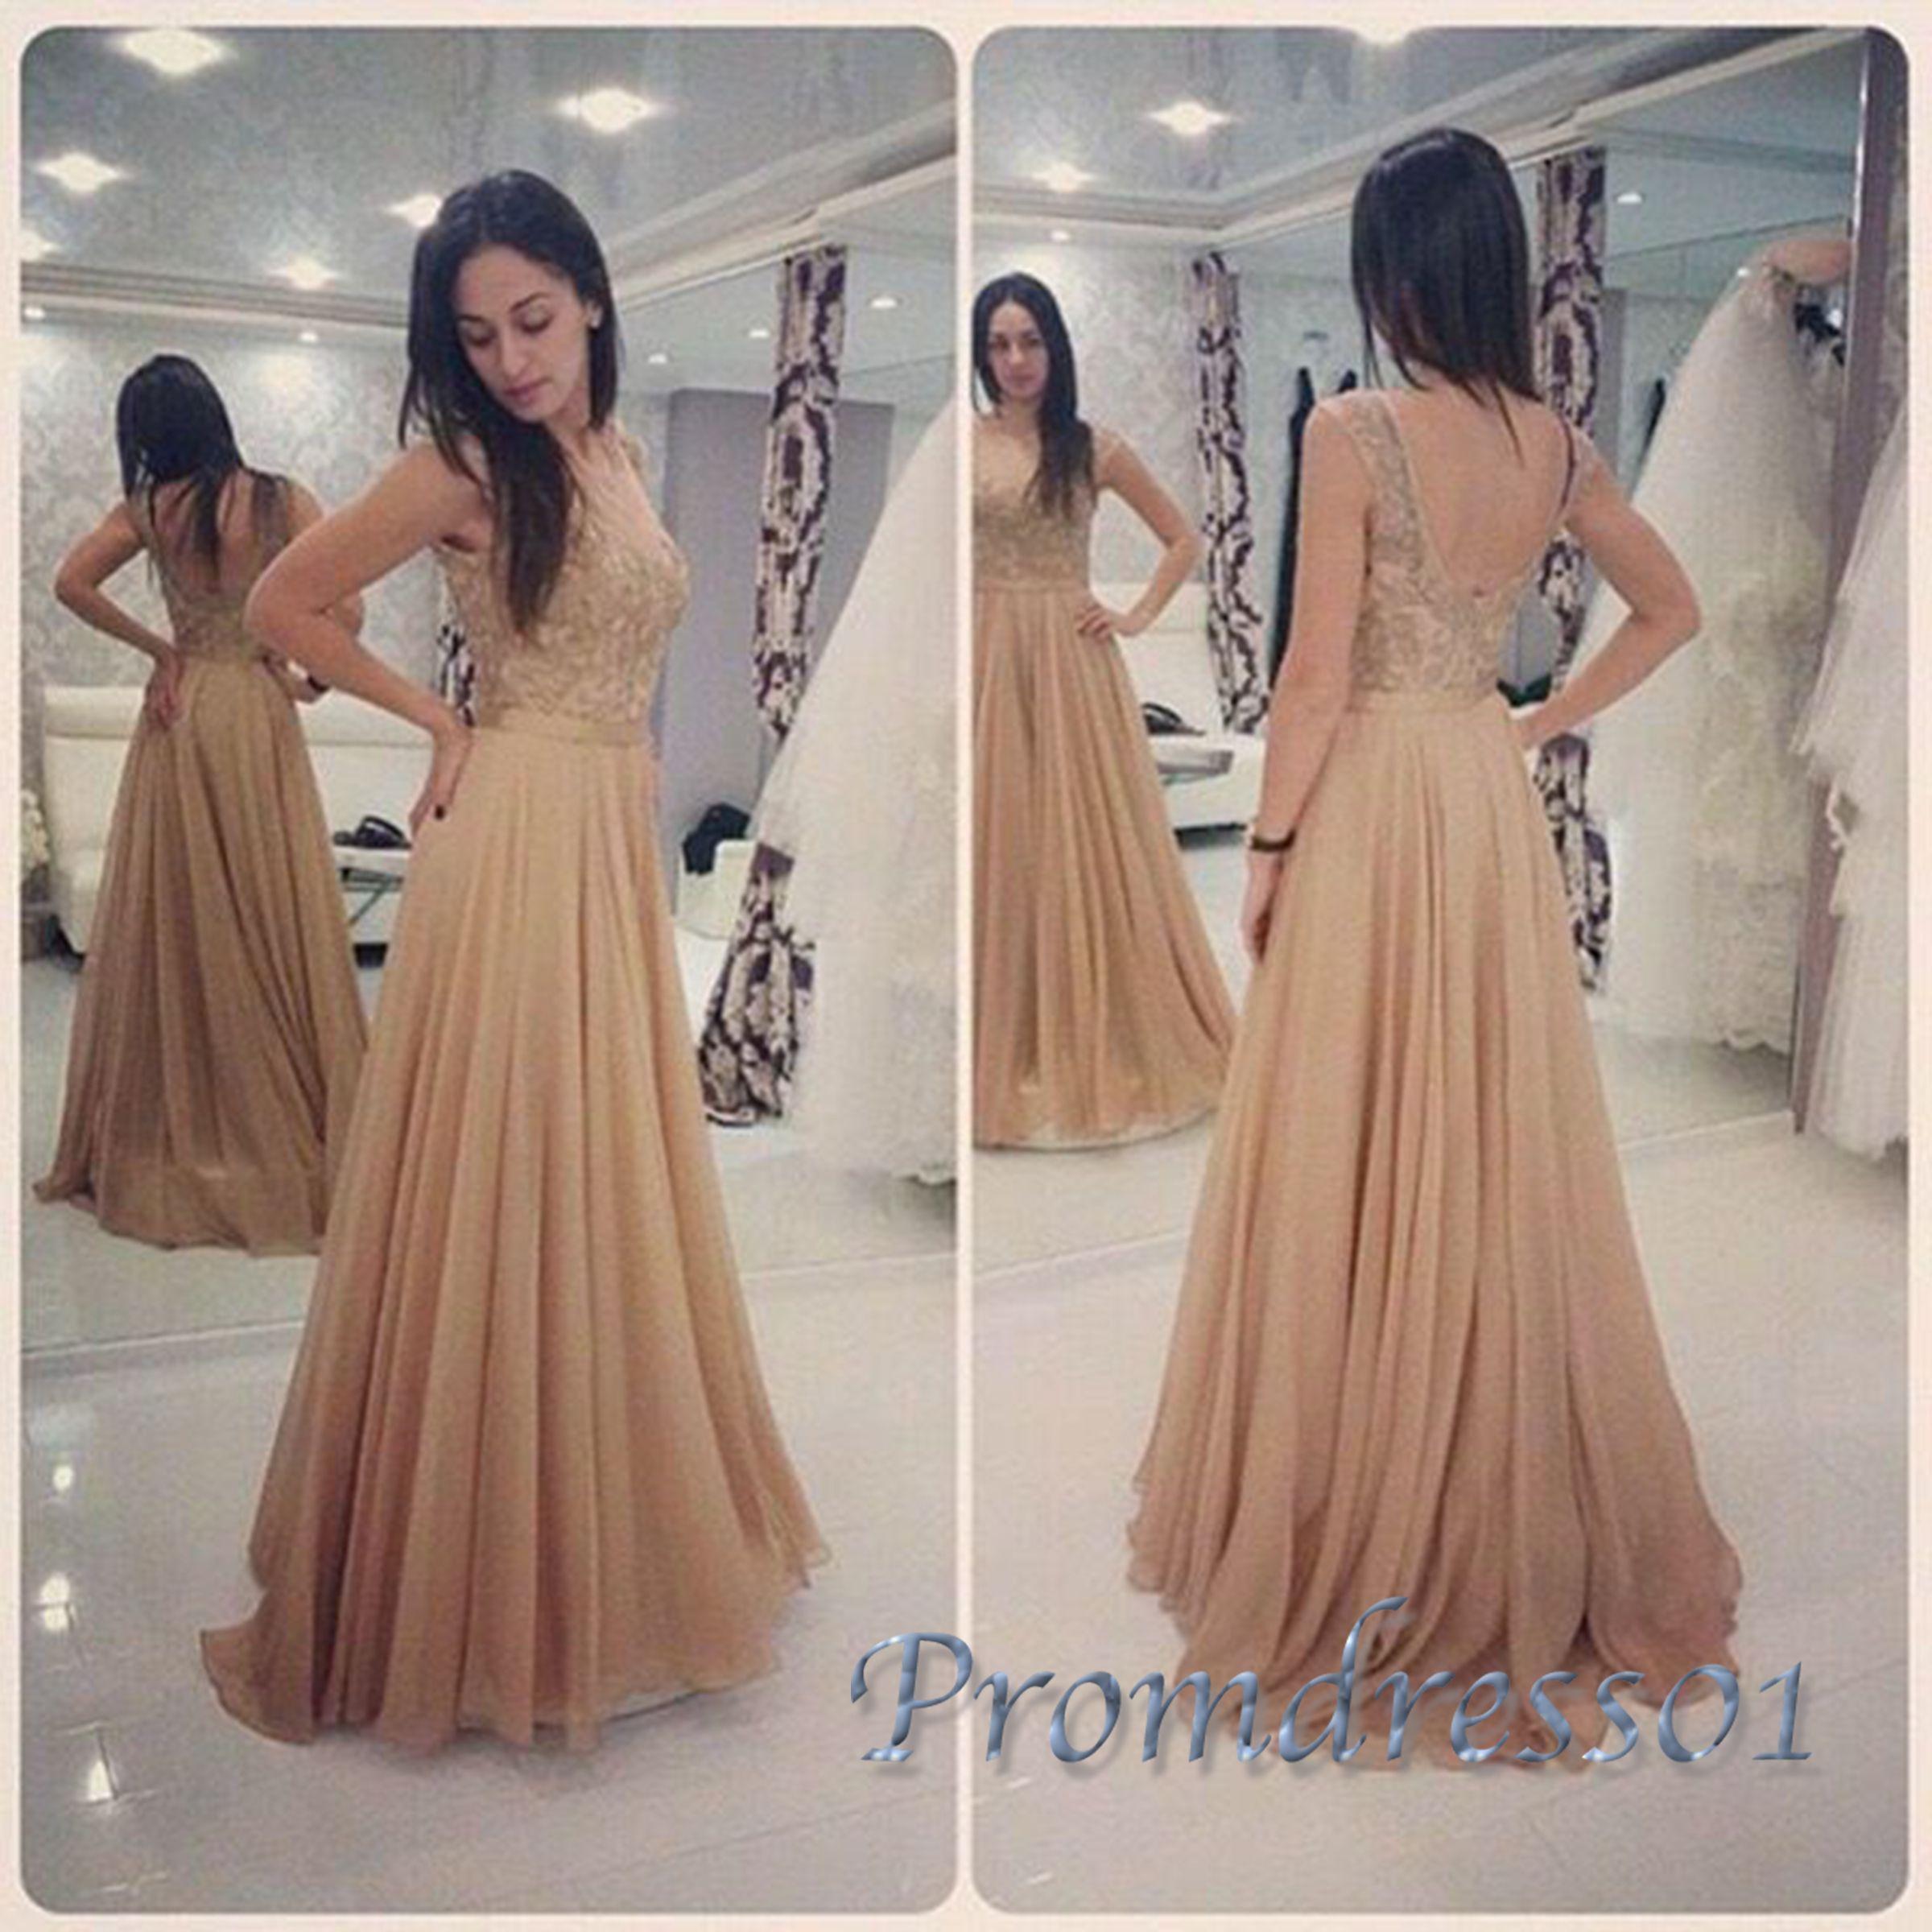 Chiffon prom dress, winter formal, cute champagne chiffon